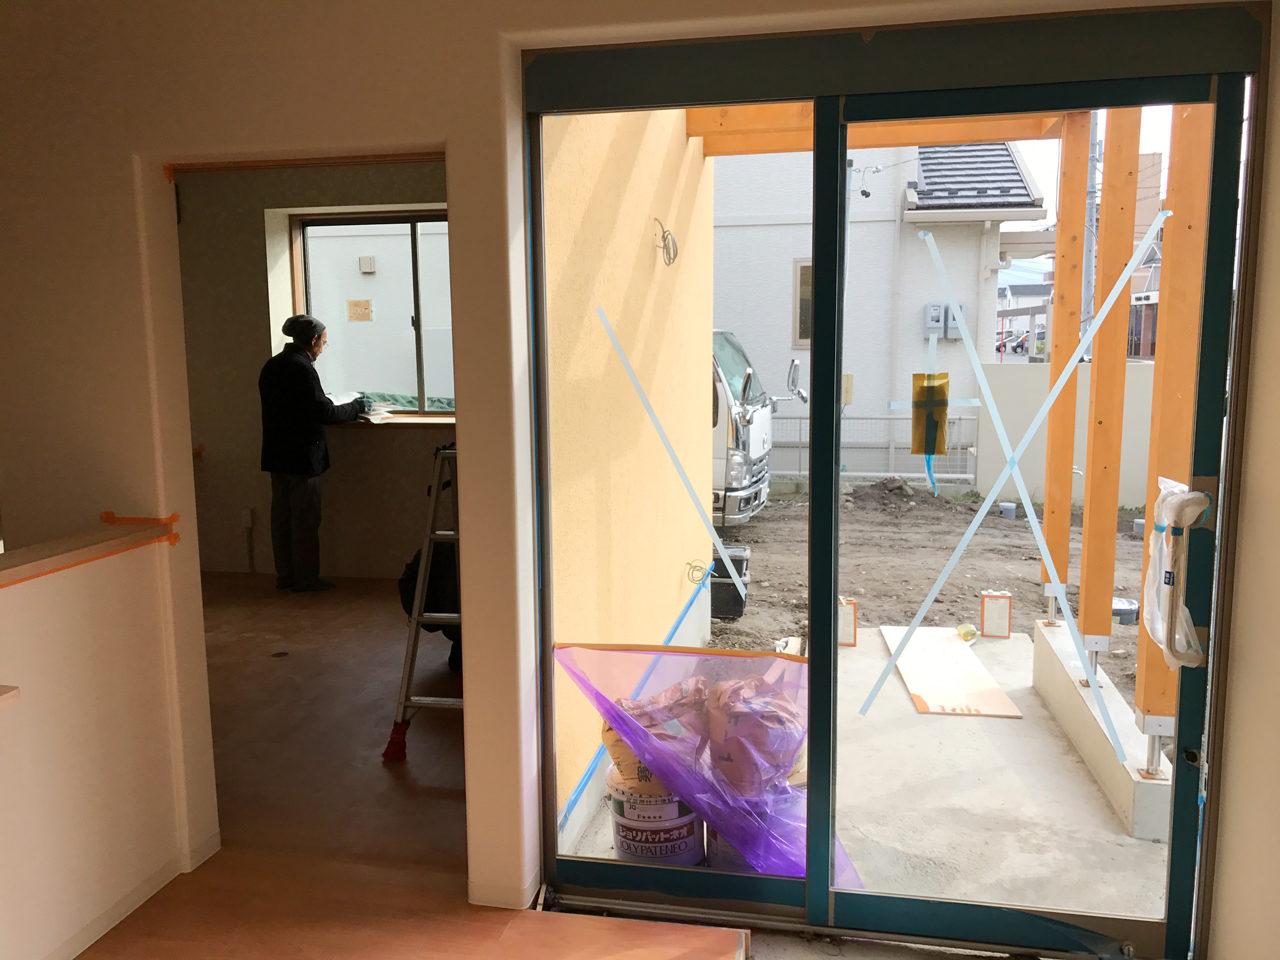 レディース治療院(はり・あん・マッサージ)付き二世帯住宅のバリアフリー玄関とスロープ